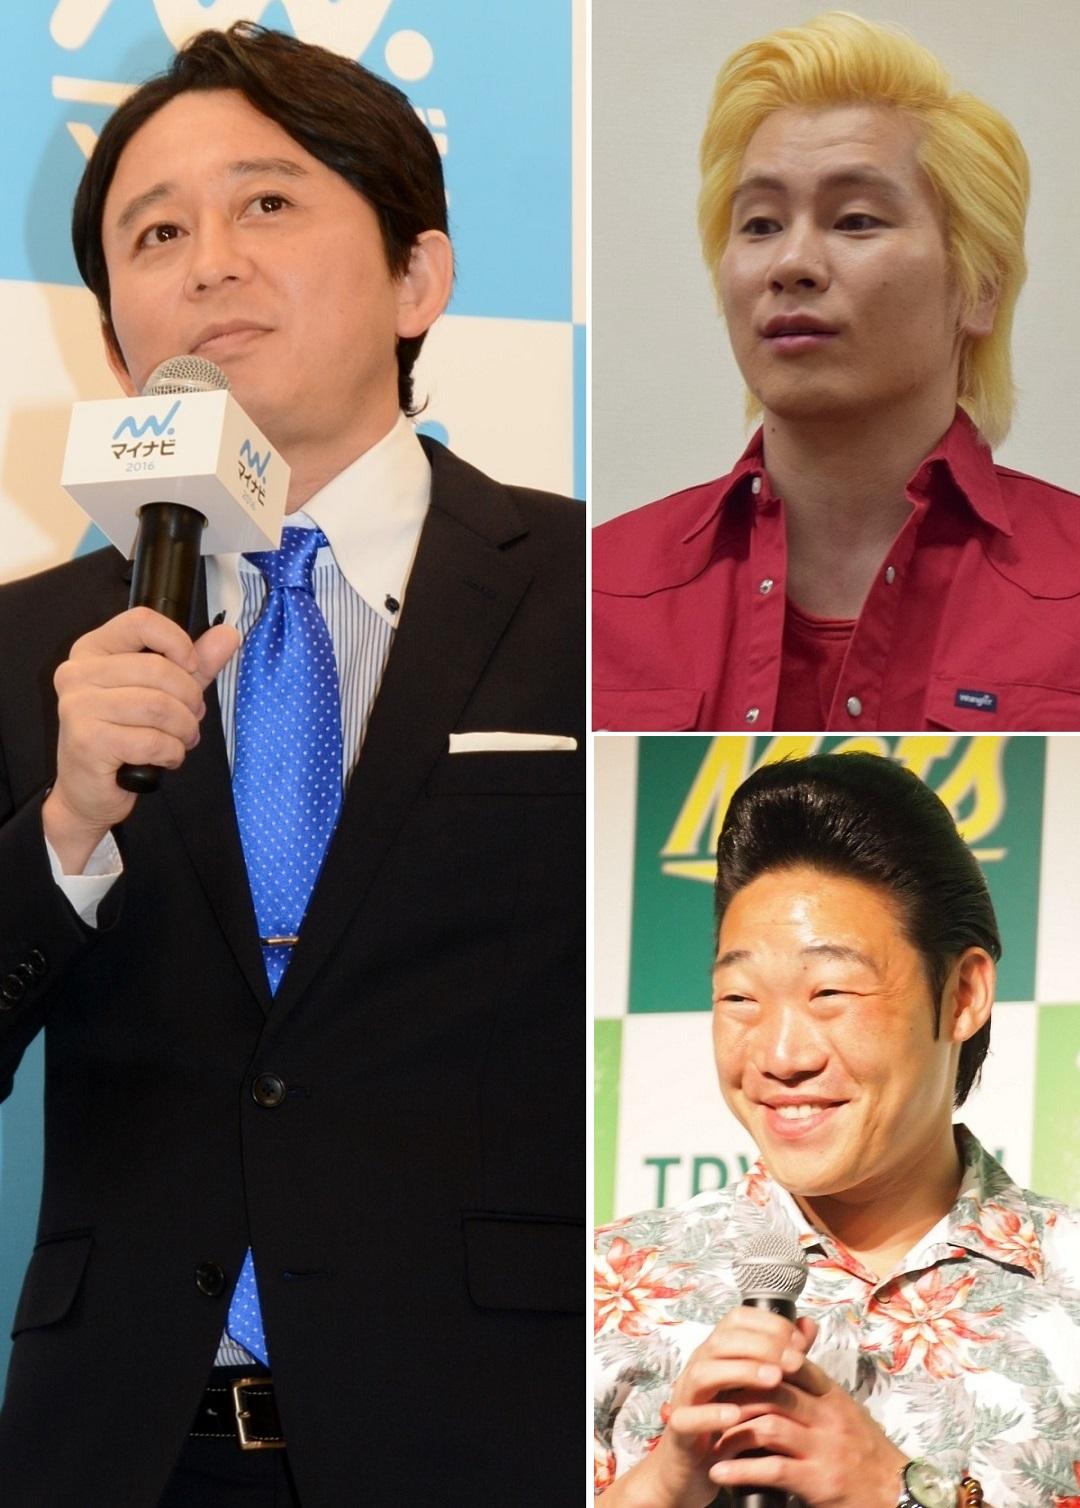 カズレーザー、みやぞんにとって有吉弘行は「先輩というより、憧れのテレビスター」